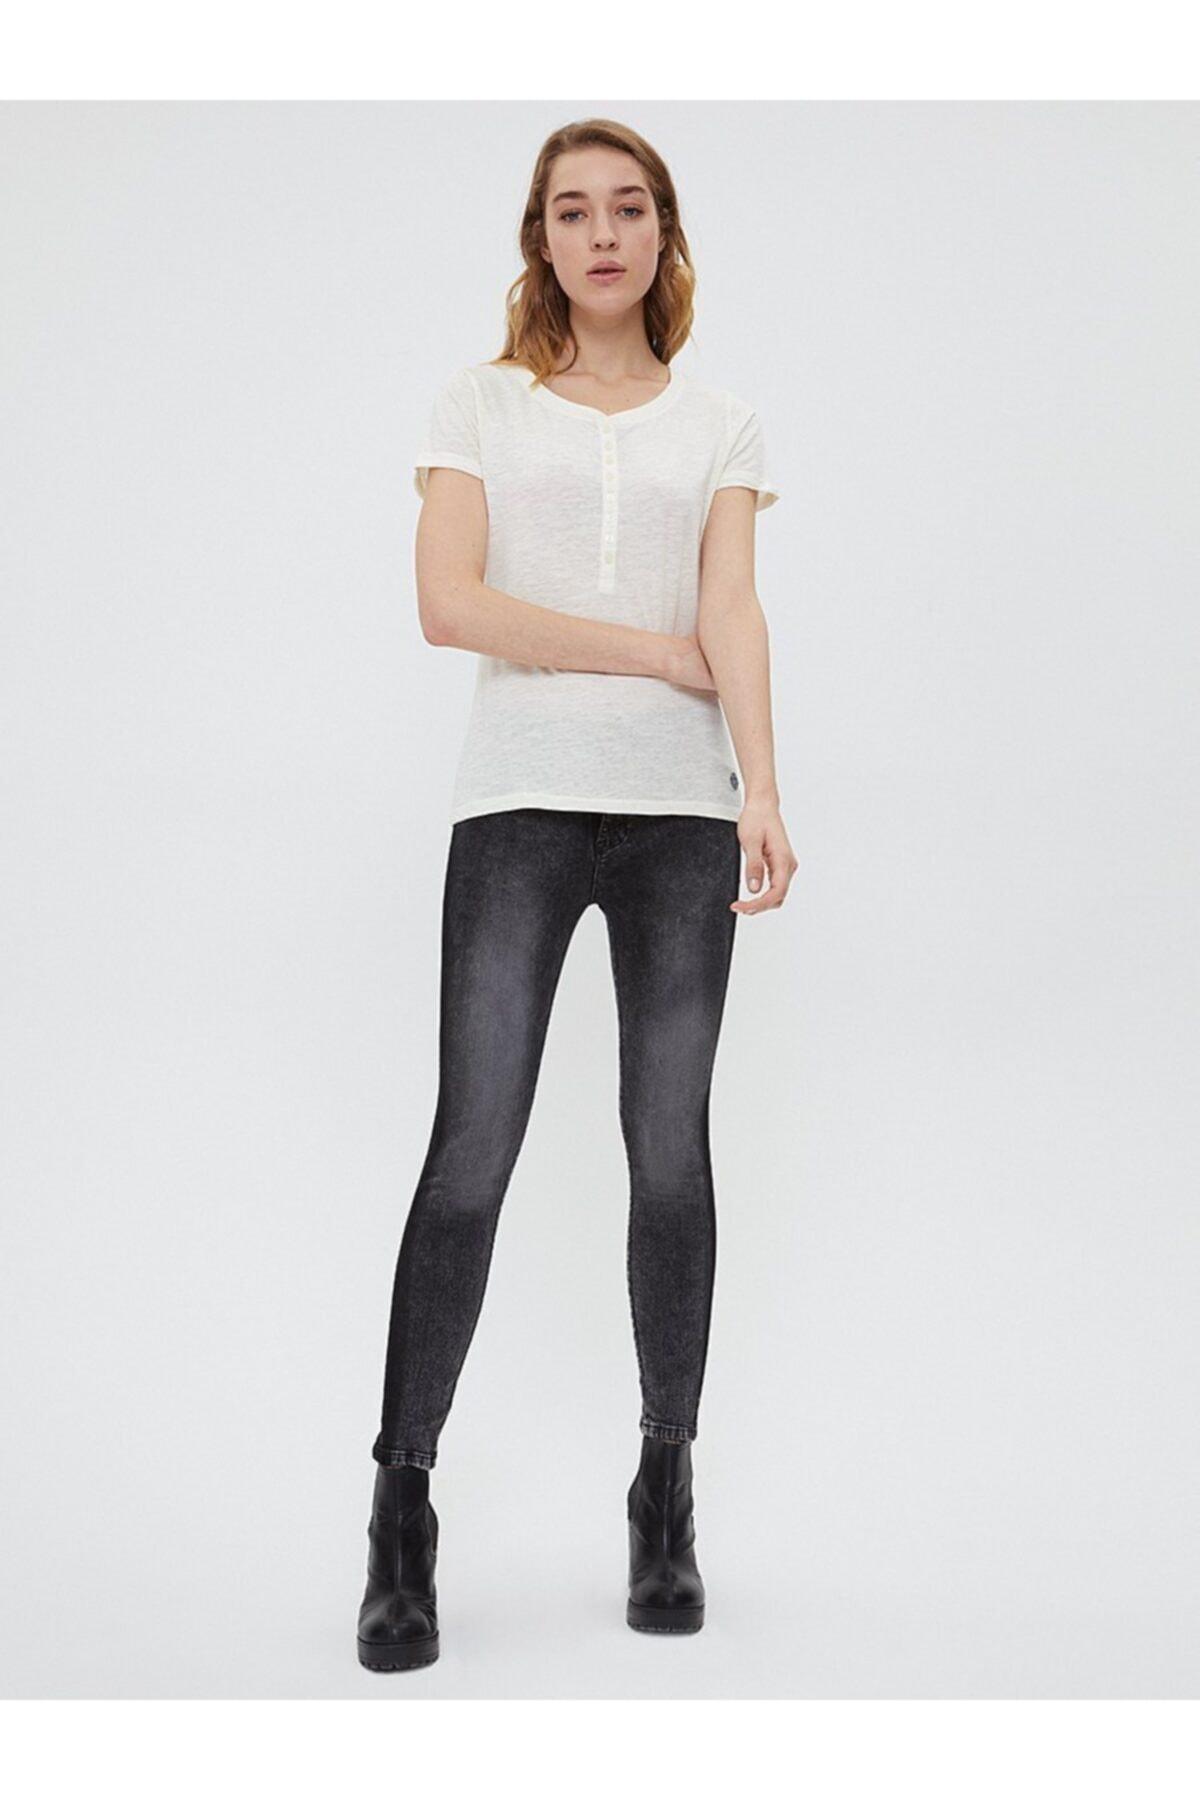 Loft Kadın Gri Pantolon 2025642 1